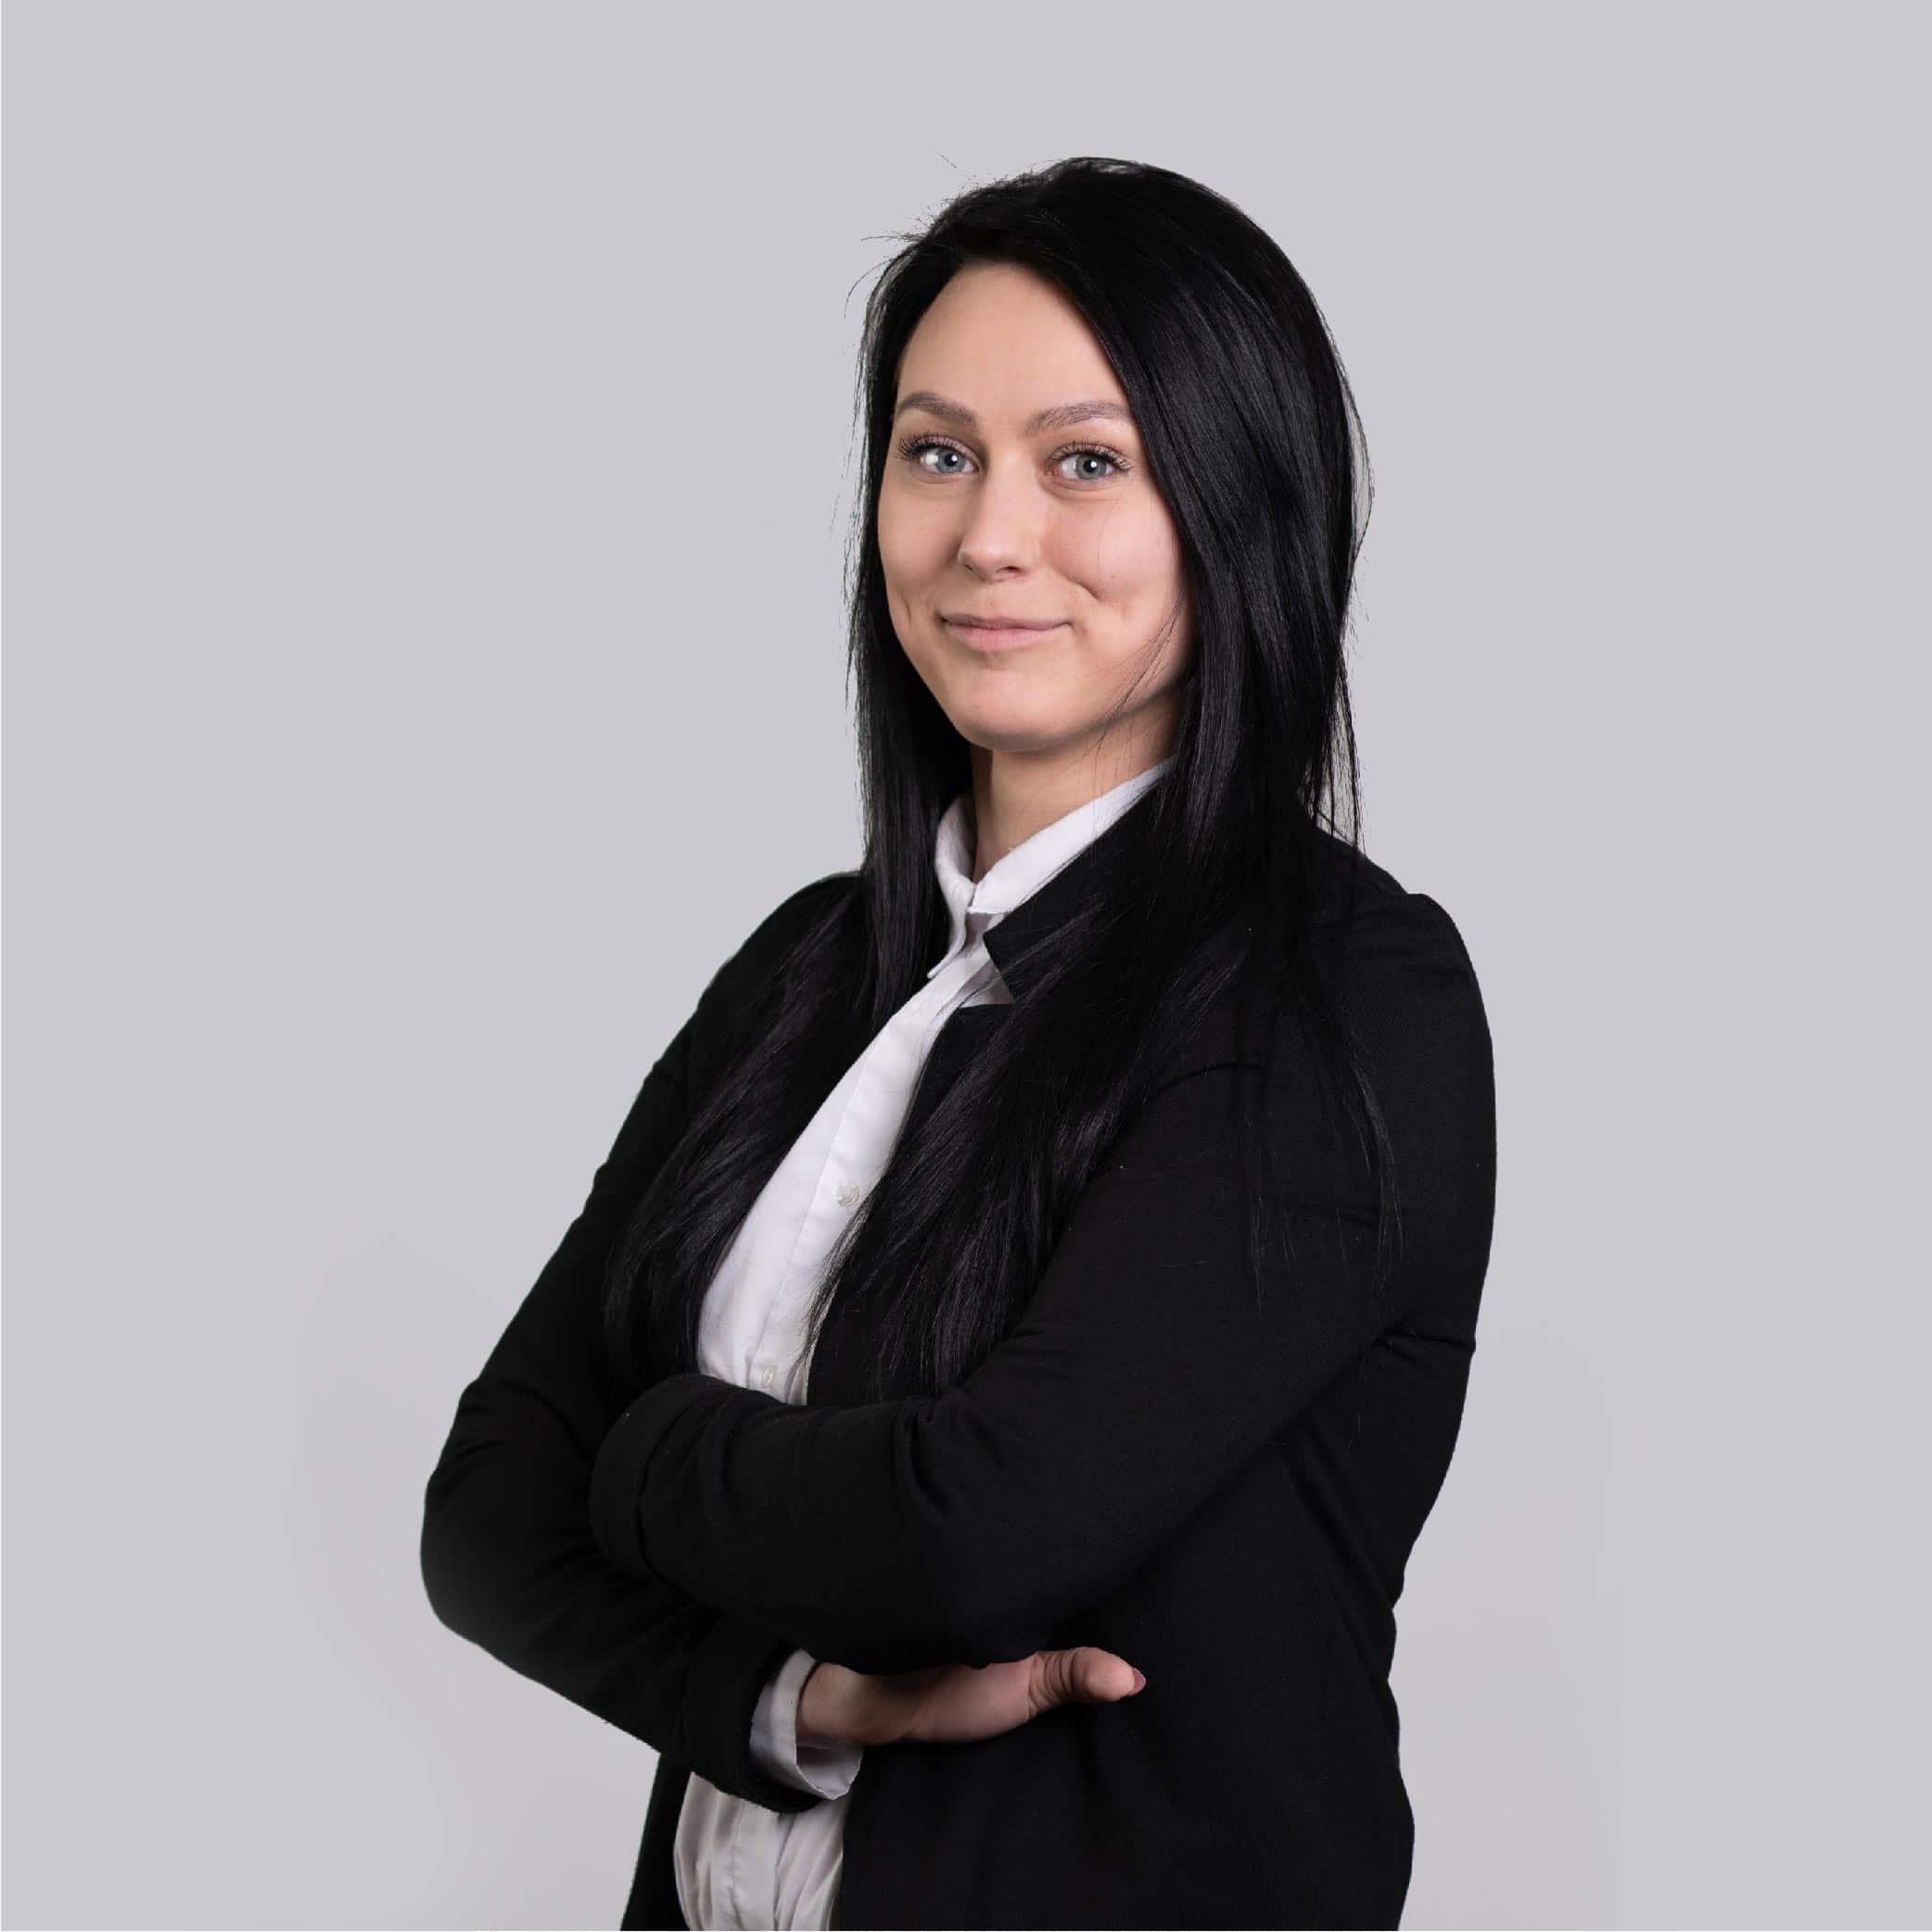 Kinga Łazarowicz